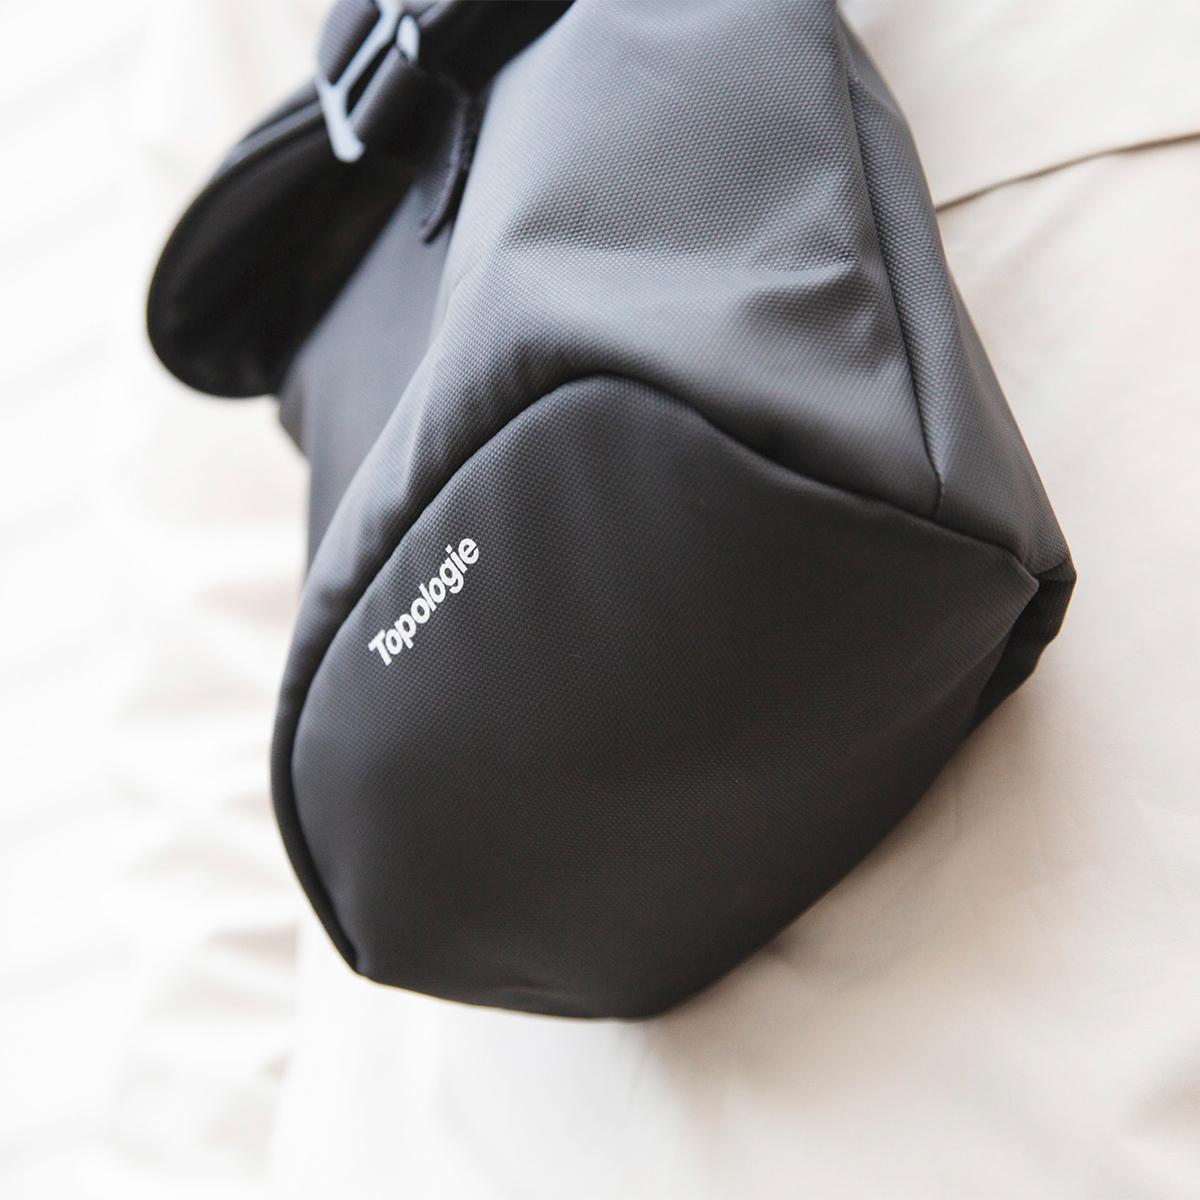 荷重を分散する「安定構造」|重みや負荷が体にバランスよく分散される設計の「4WAYウエストバッグ」(水濡れや汚れに強いドライコレクション)|Topologie